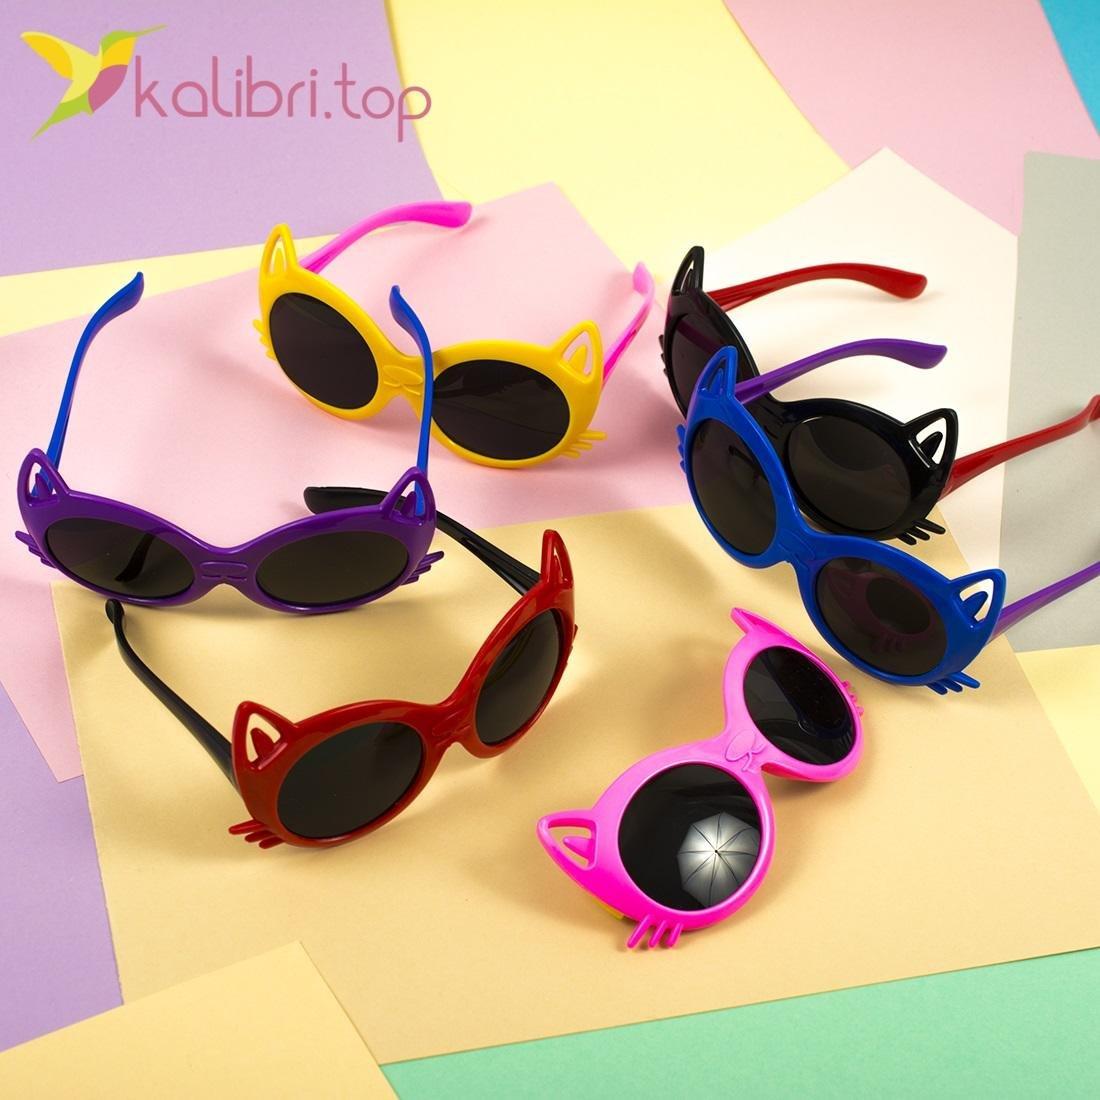 Детские солнцезащитные очки Котики - Kalibri